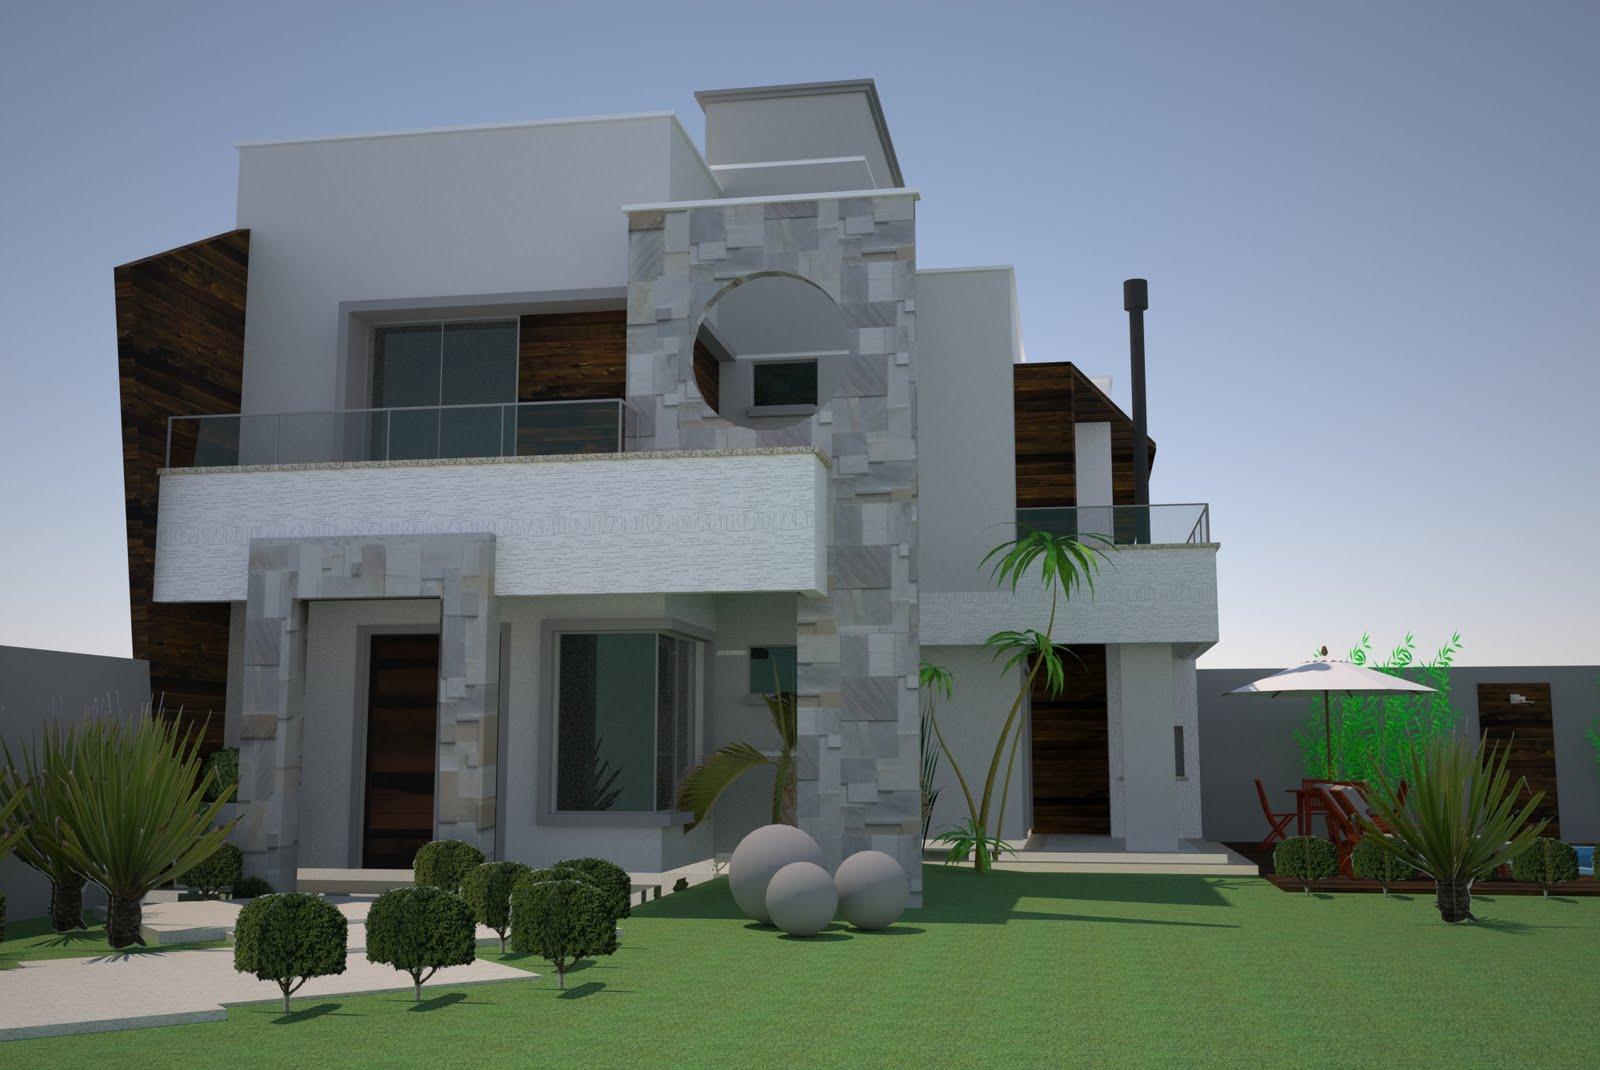 Halla arquitetura e urbanismo casa moderna for Cores modernas para fachadas de casas 2013